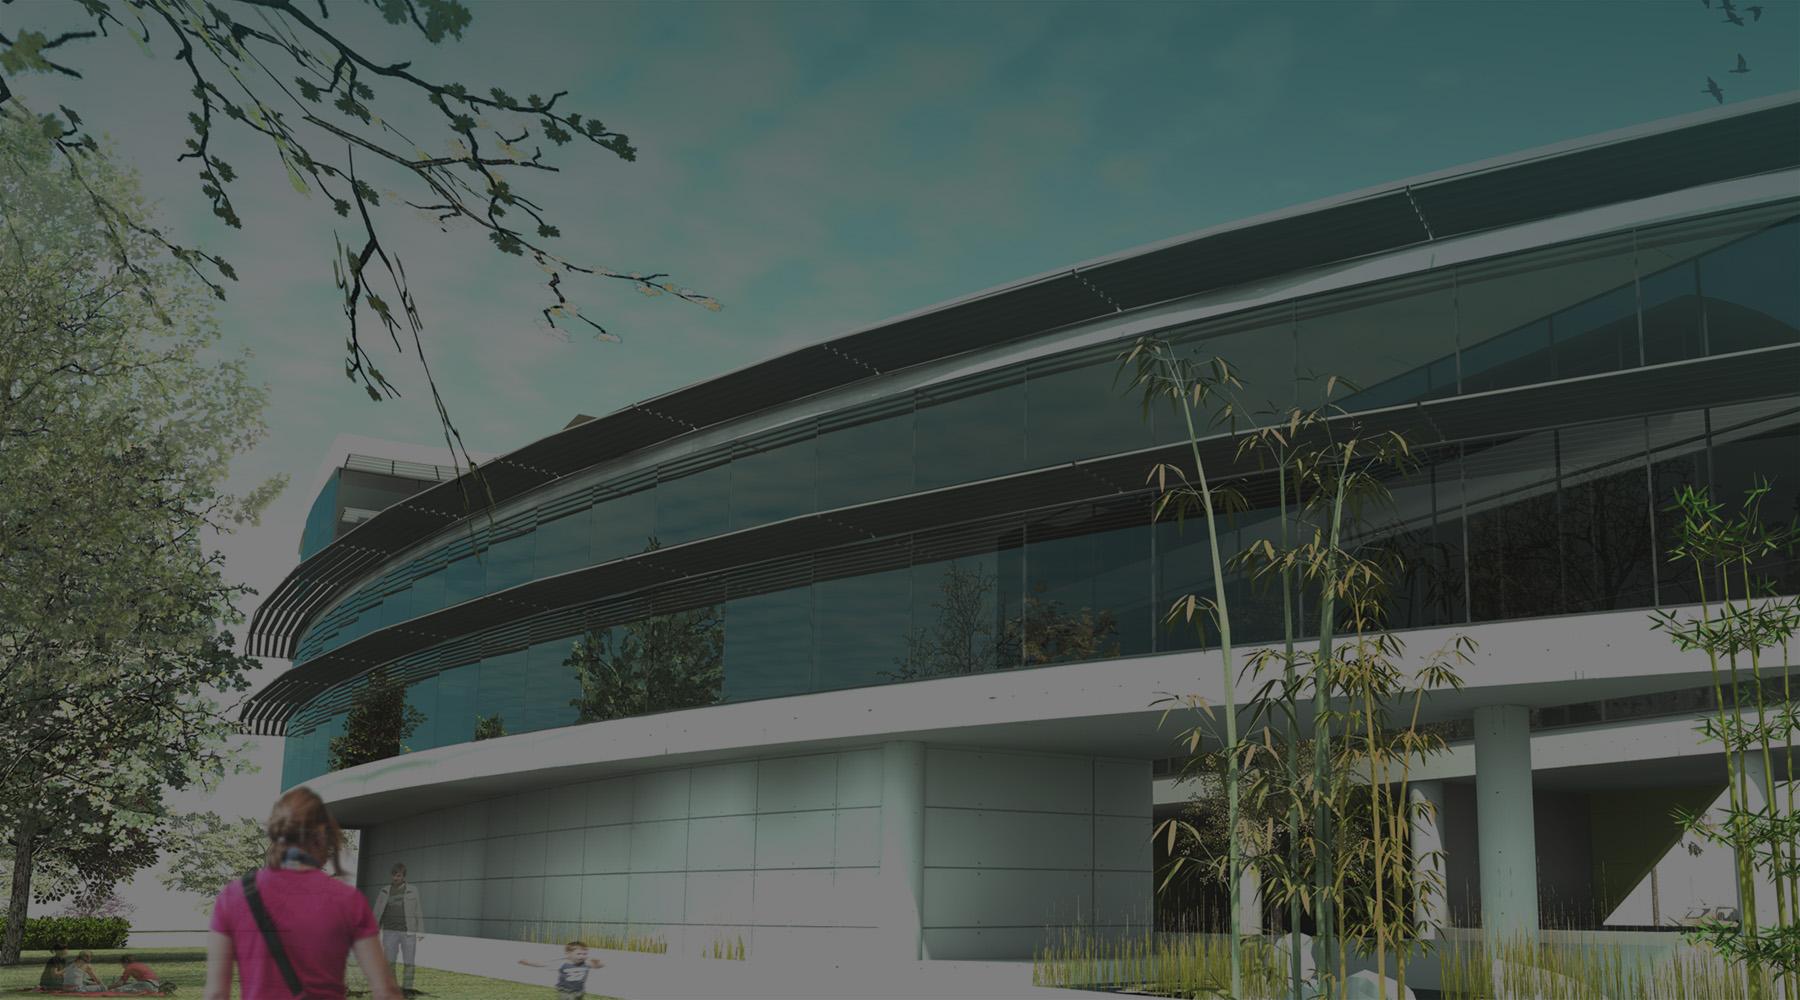 Projets de réalisation d'immeuble